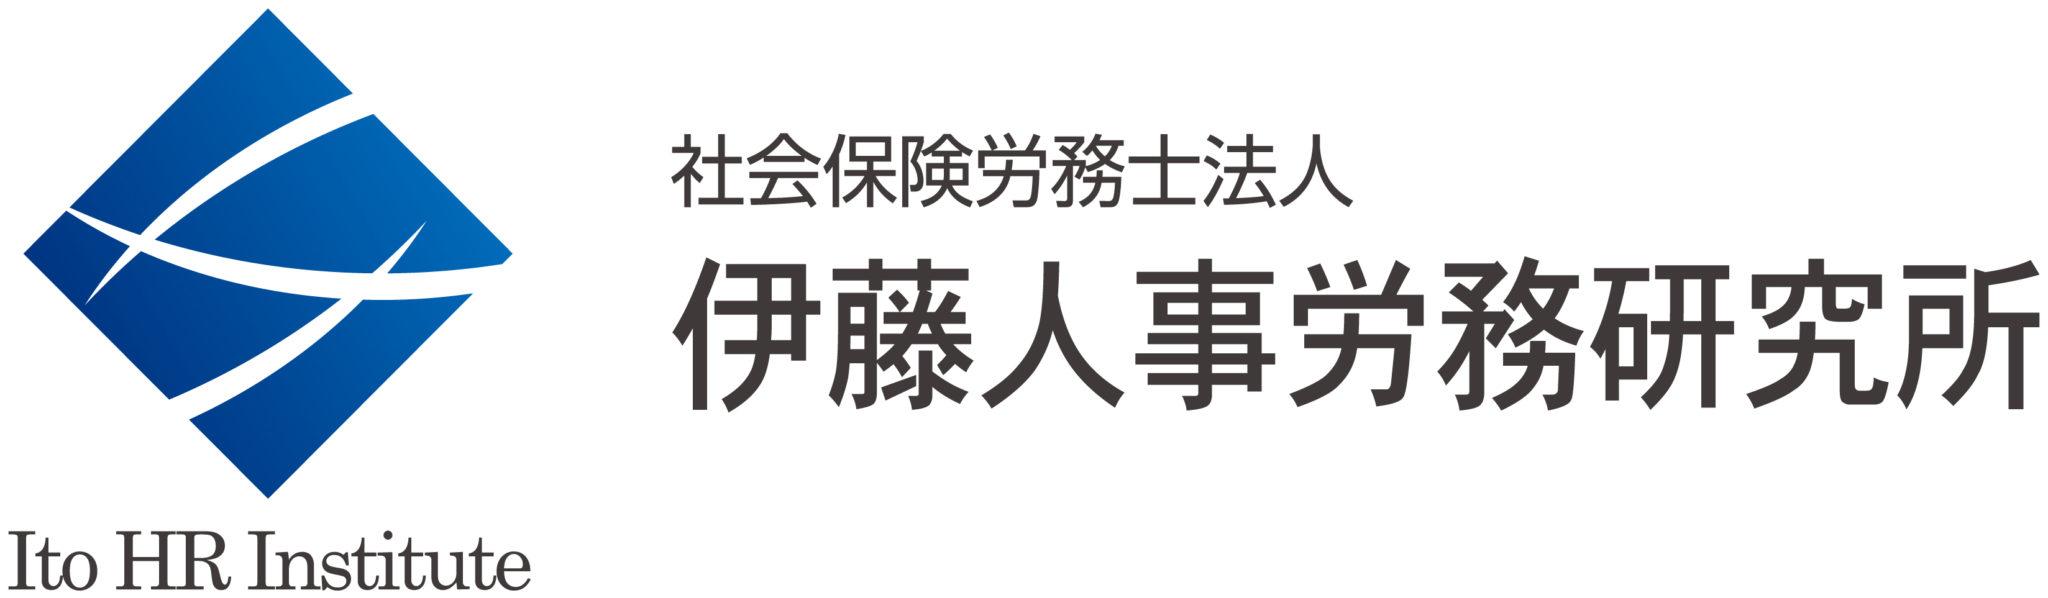 社会保険労務士法人伊藤人事労務研究所